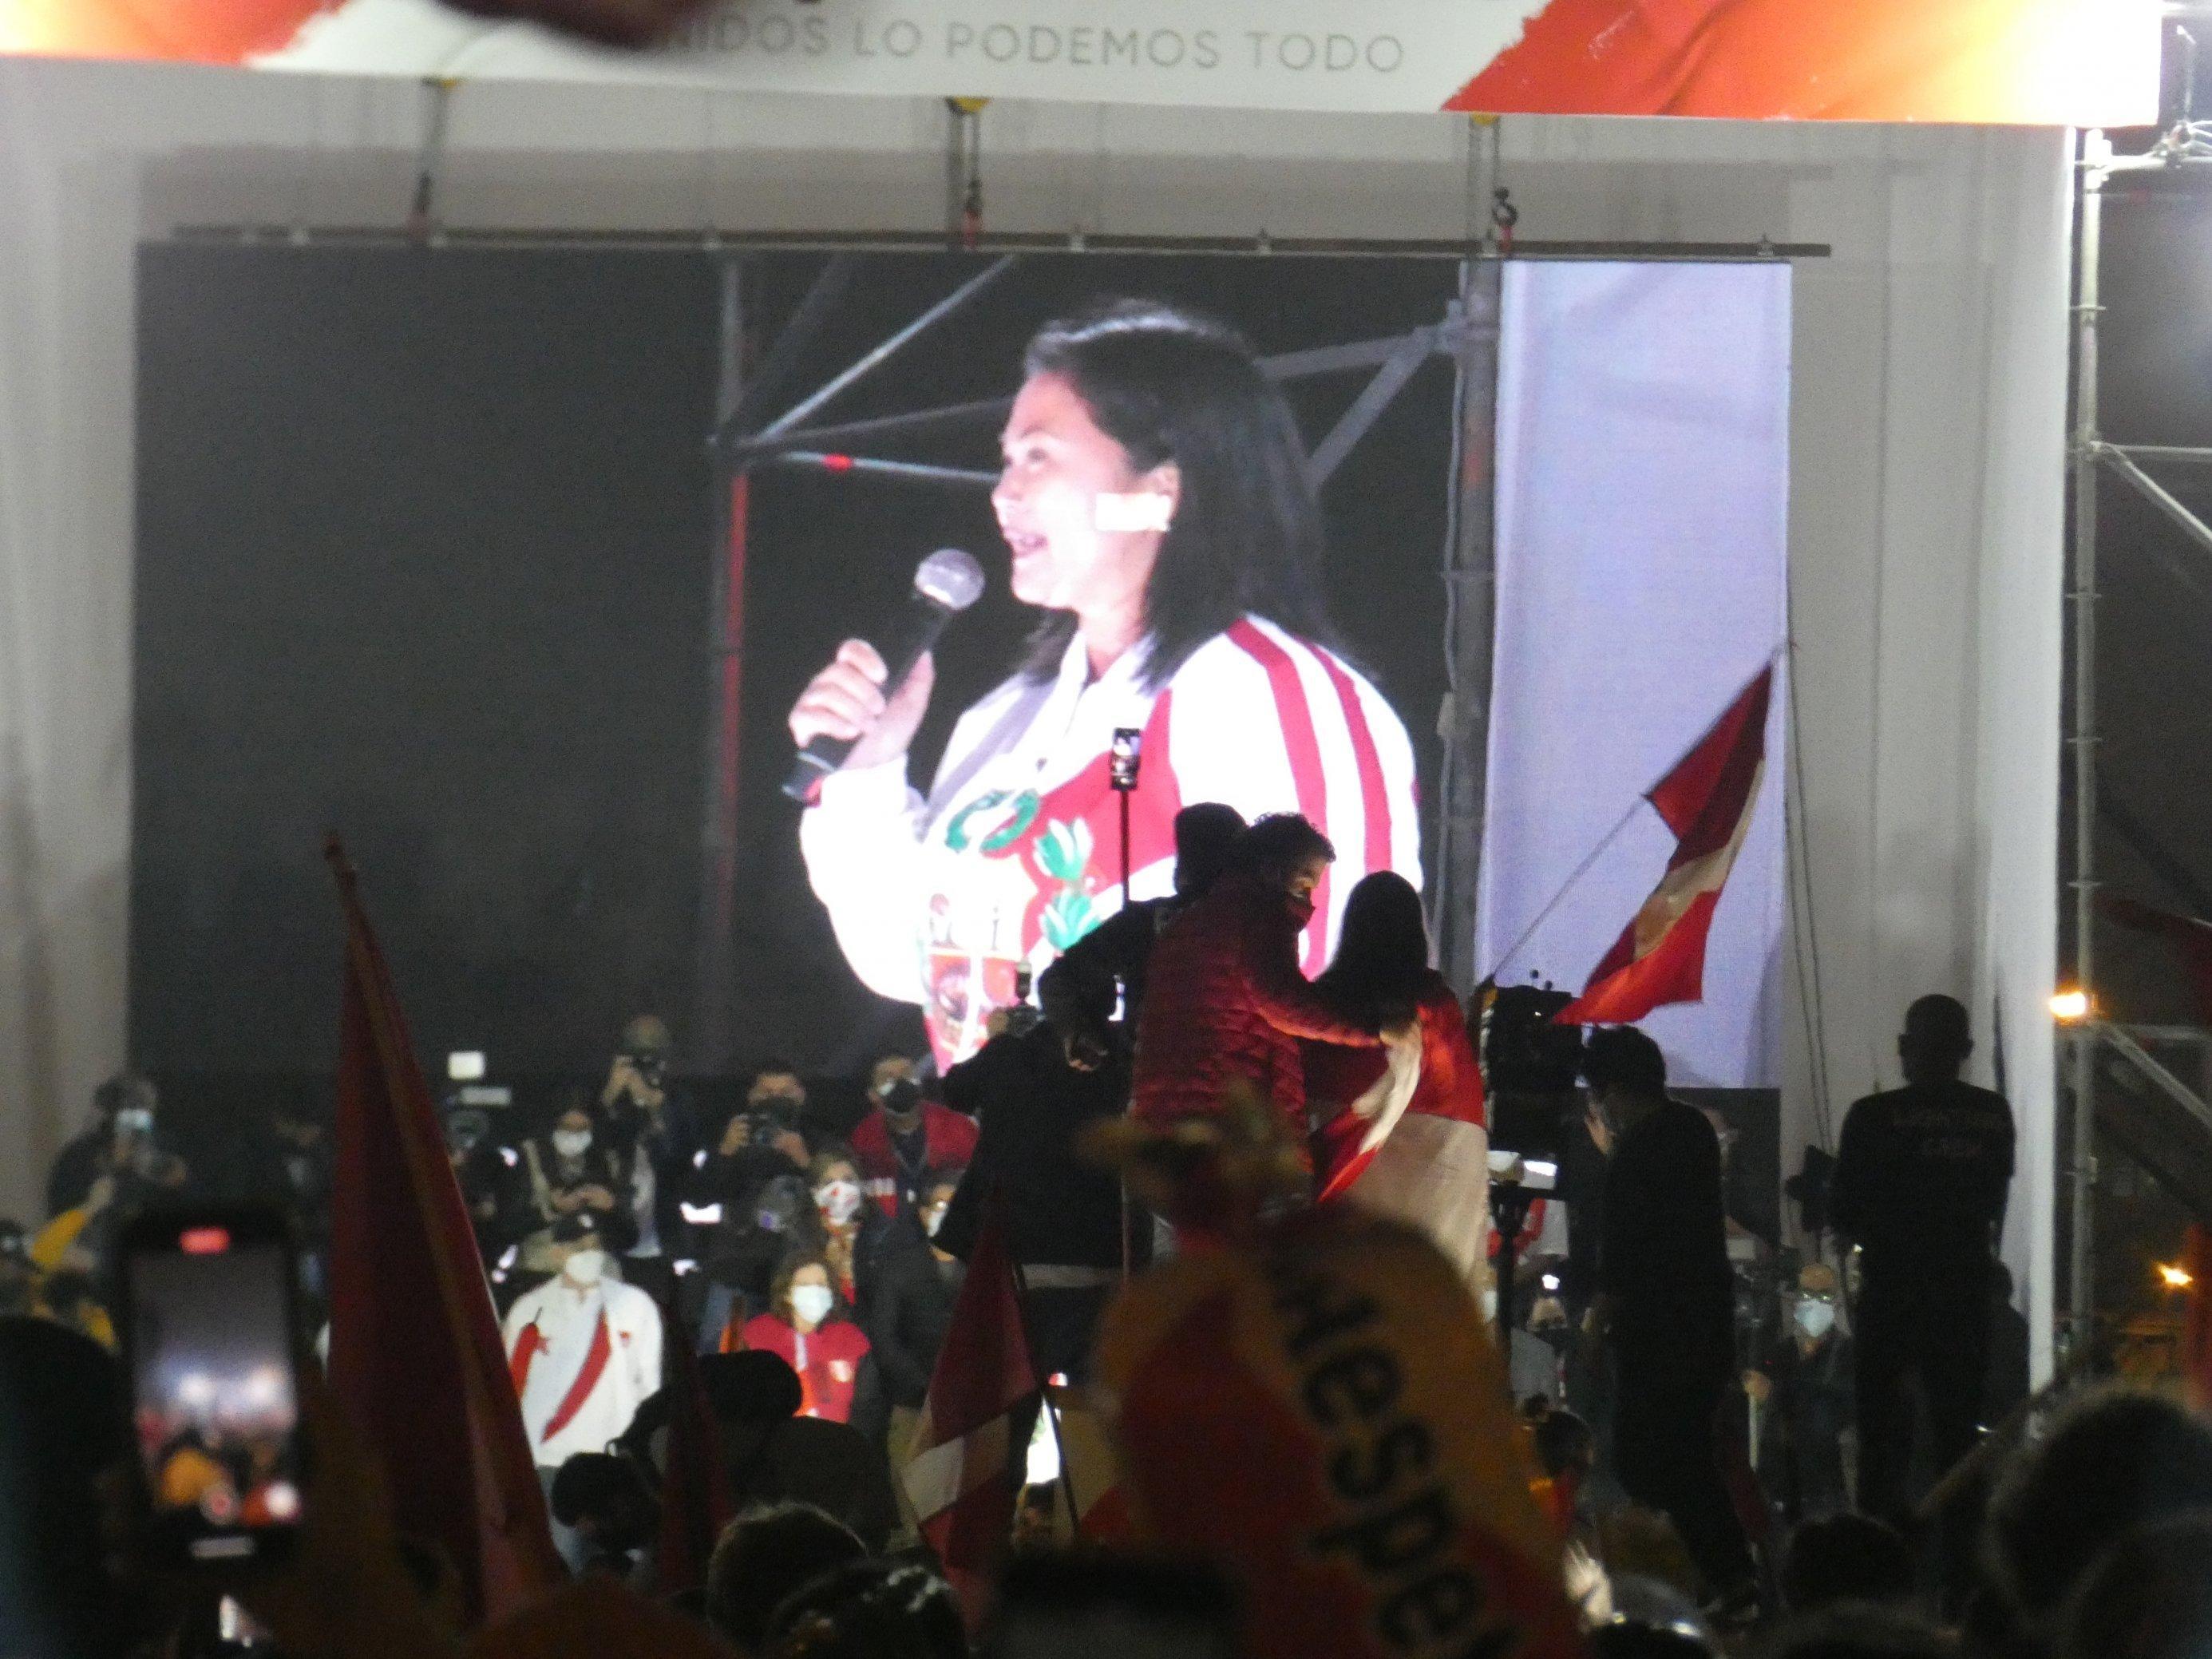 Nacht. Auf einem grossen Bildschirm erscheint eine 46-jährige Frau, schwarze Haare, asiatisches Gesicht, weisse Jacke, spricht ins Mikrofon zu der Menge, die vor ihr an der Bühne zujubelt.